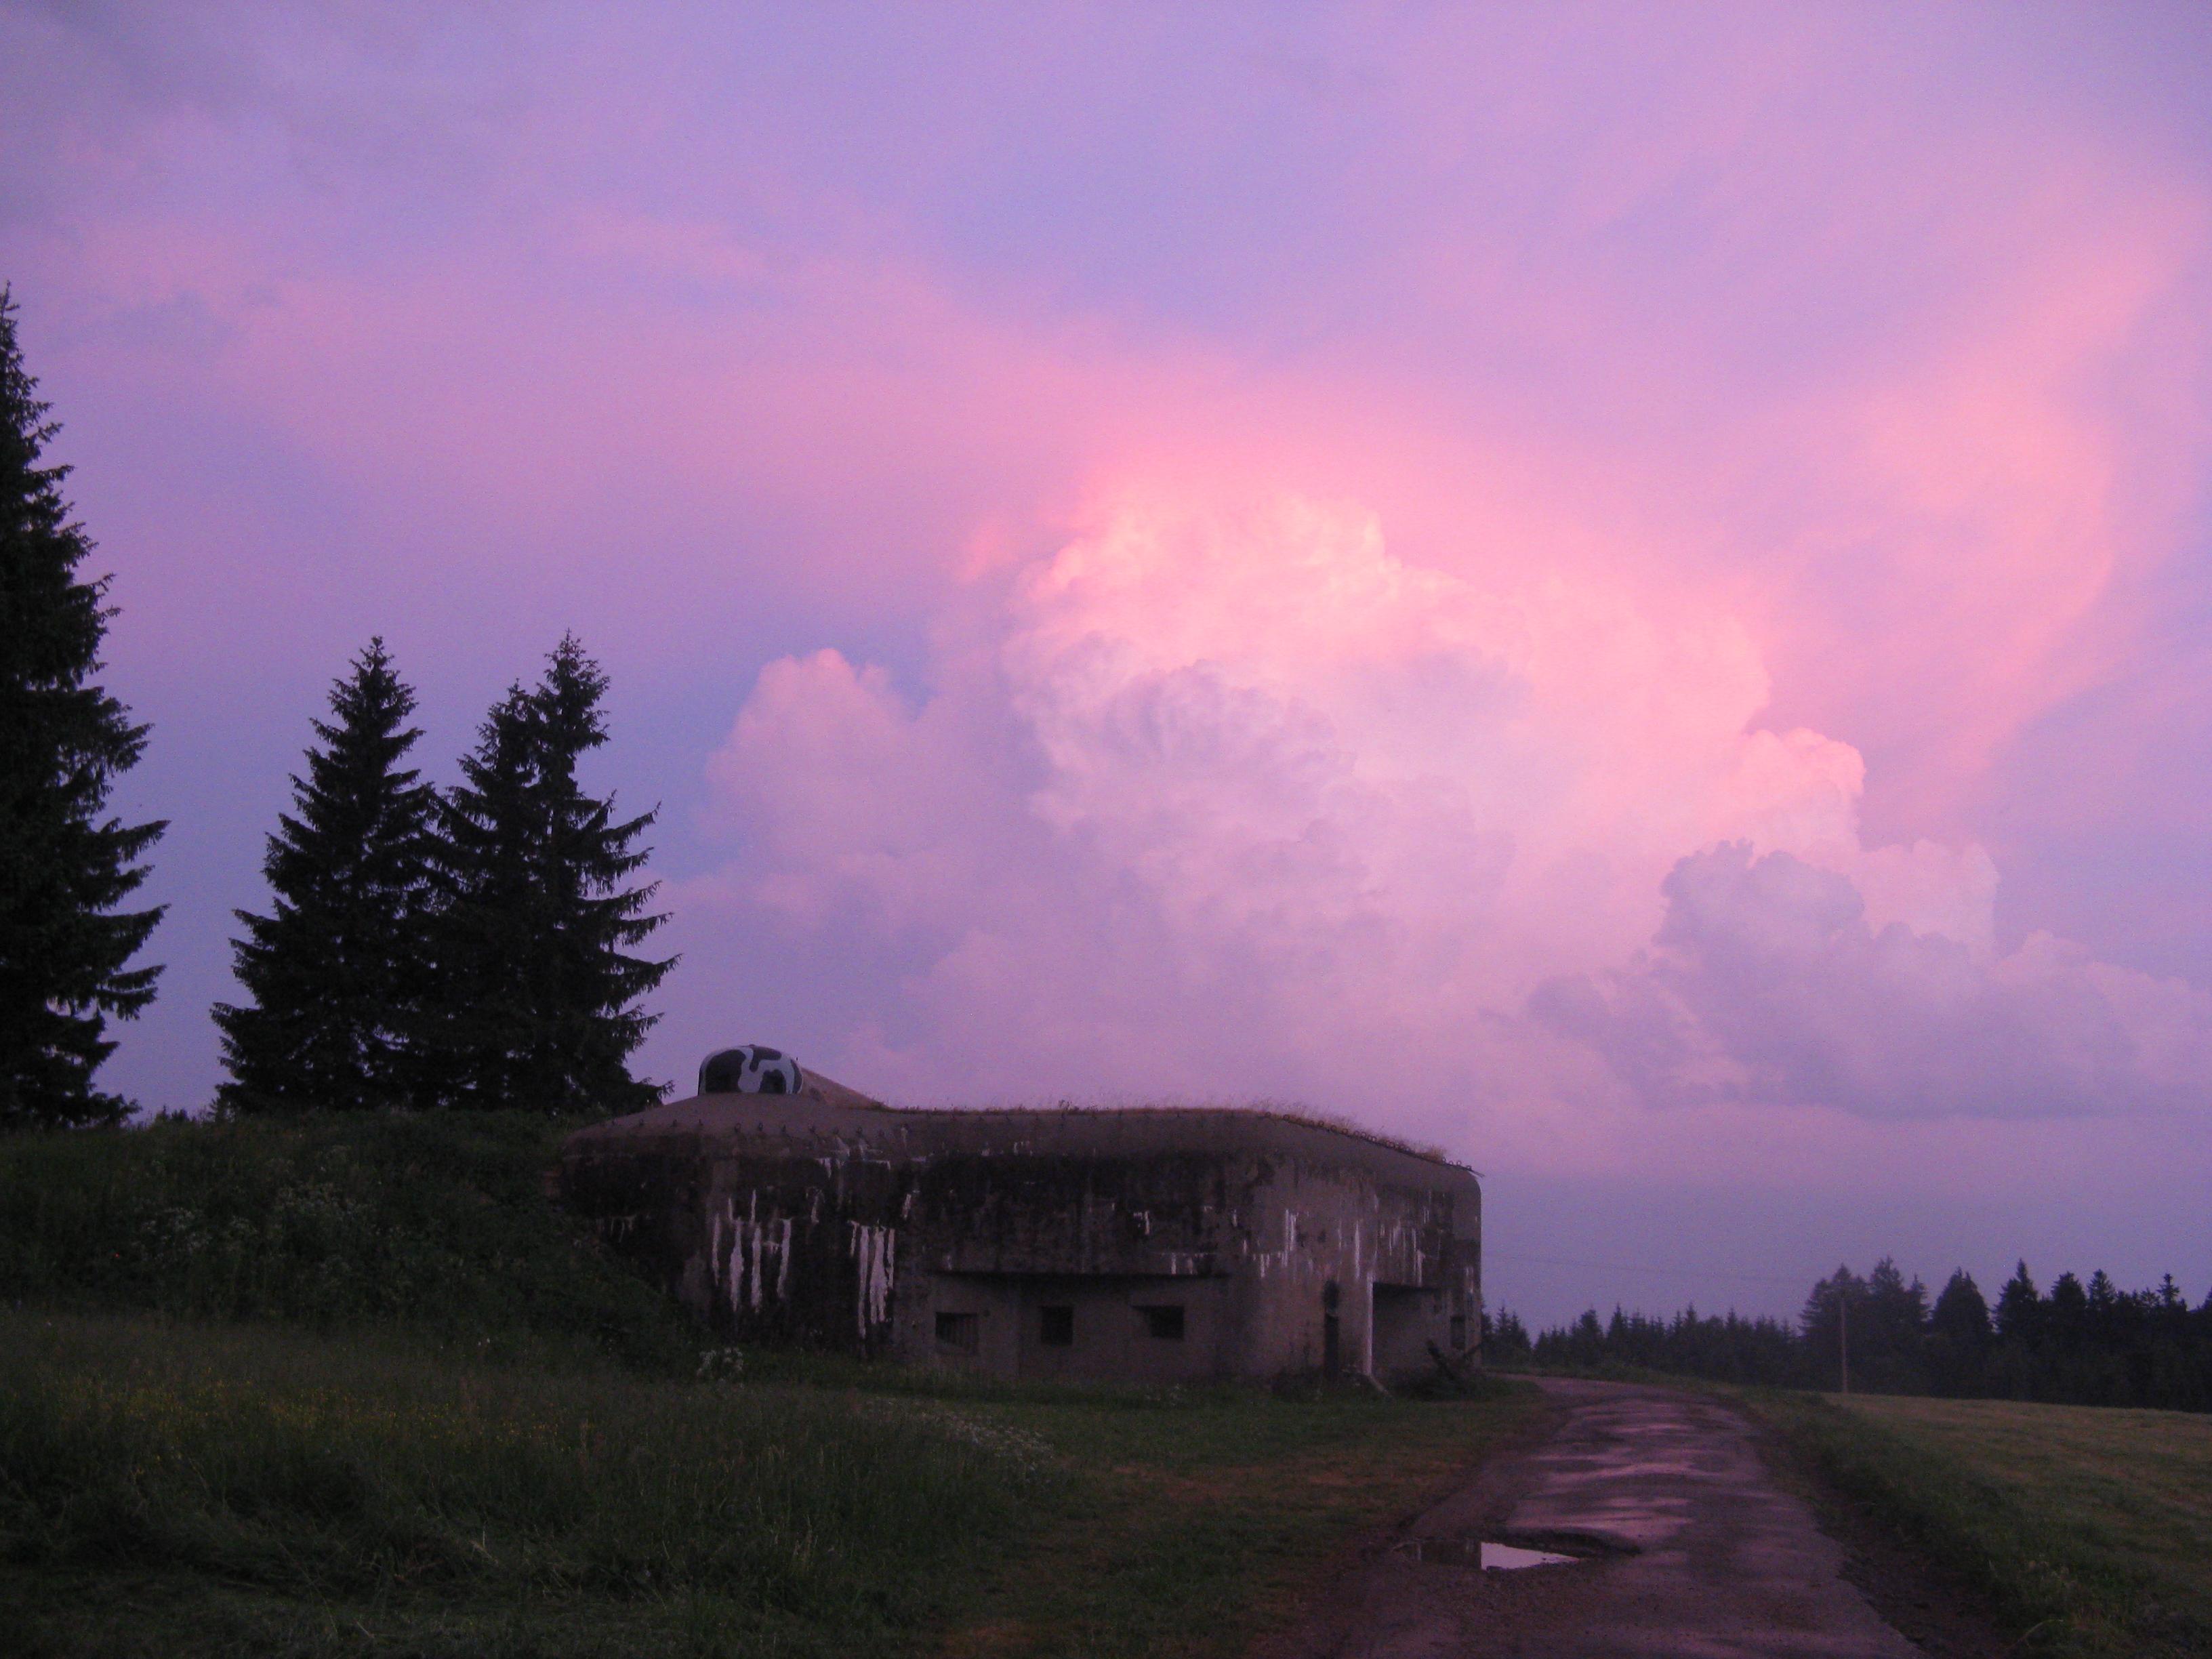 Foto 7: R-S 74, foceno kolem půl desáté večer, ta fotka ani zdaleka nevystihuje jak to byl krásný pohled (ta obloha)